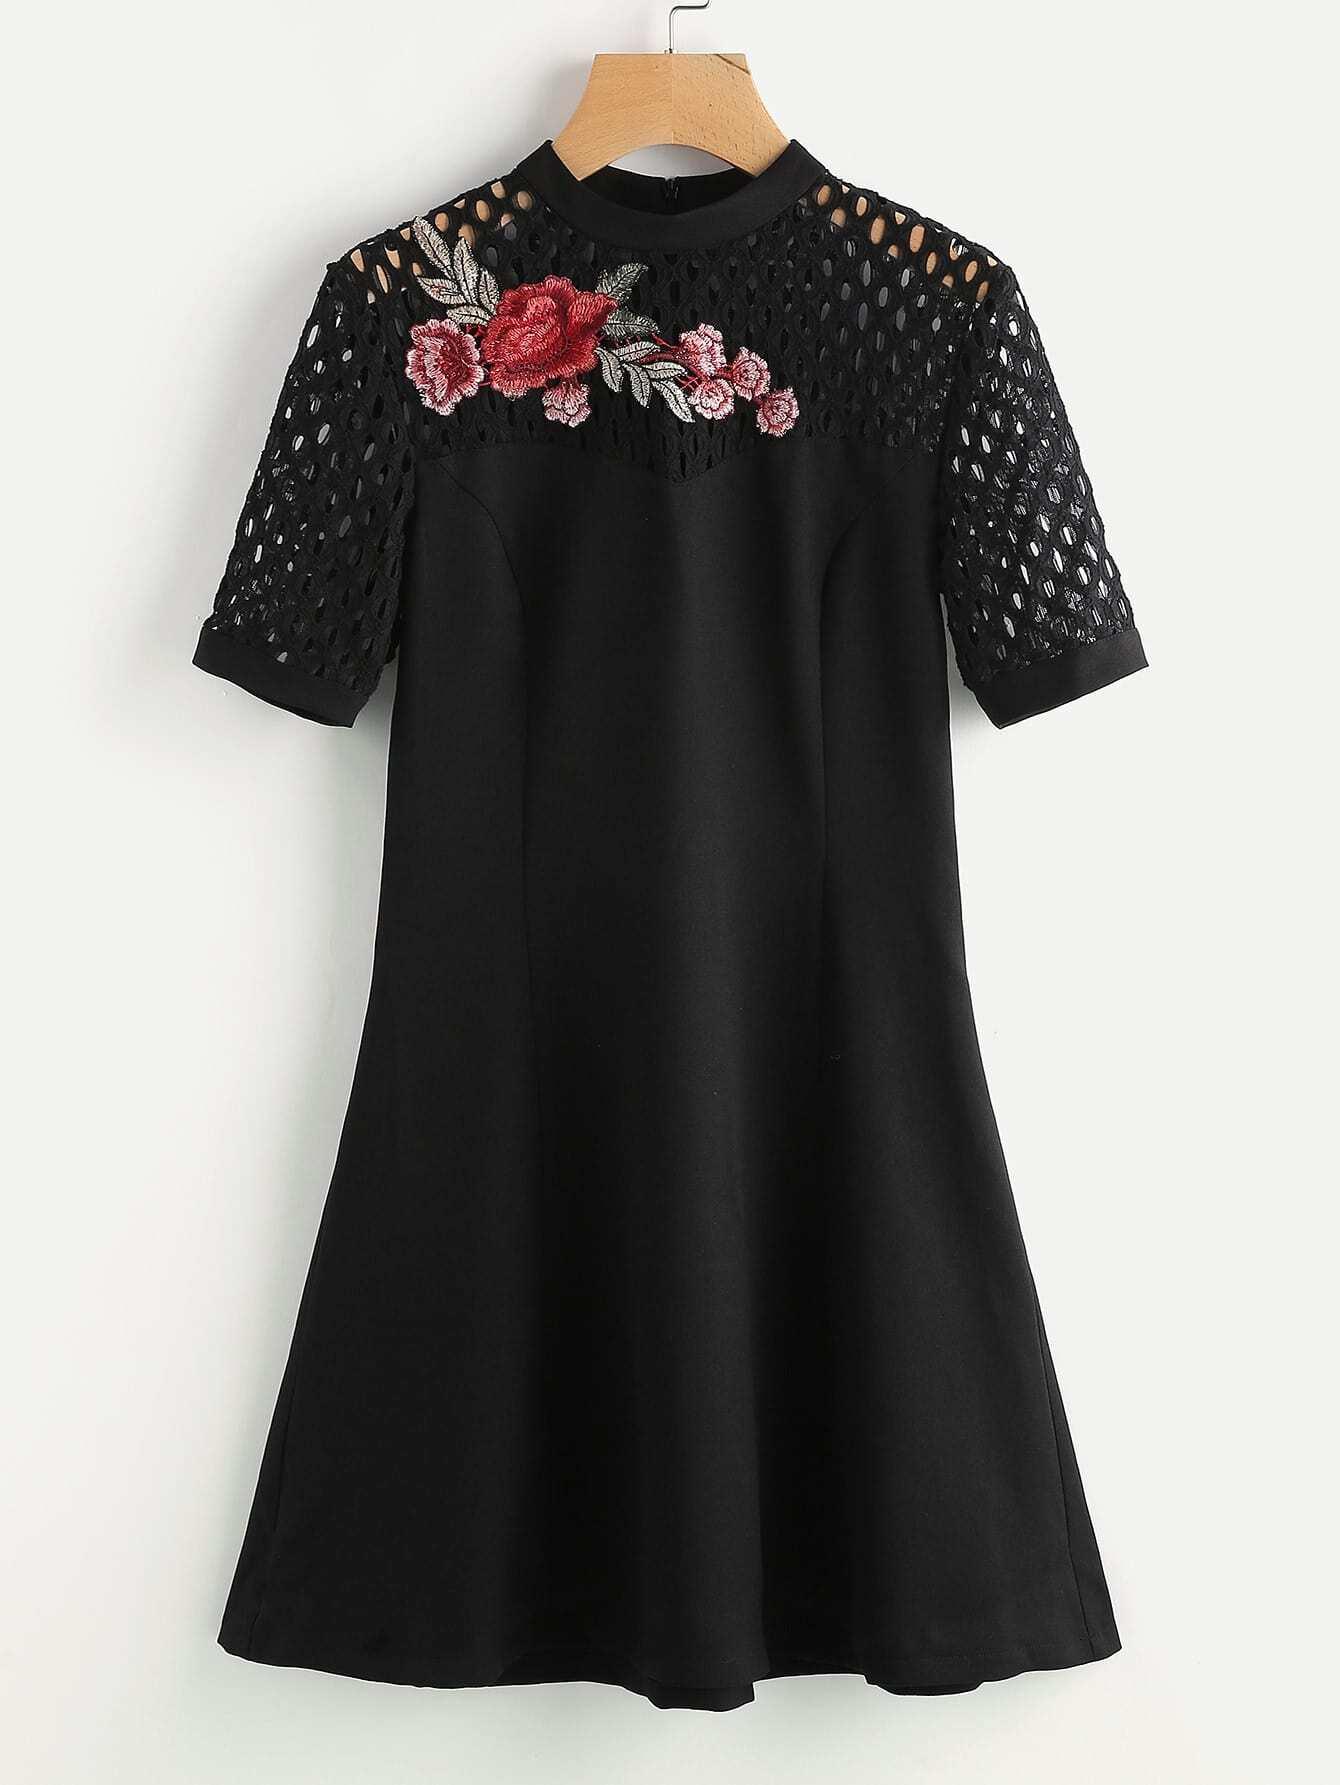 Фото Flower Patch Eyelet Shoulder Princess Seam Dress. Купить с доставкой